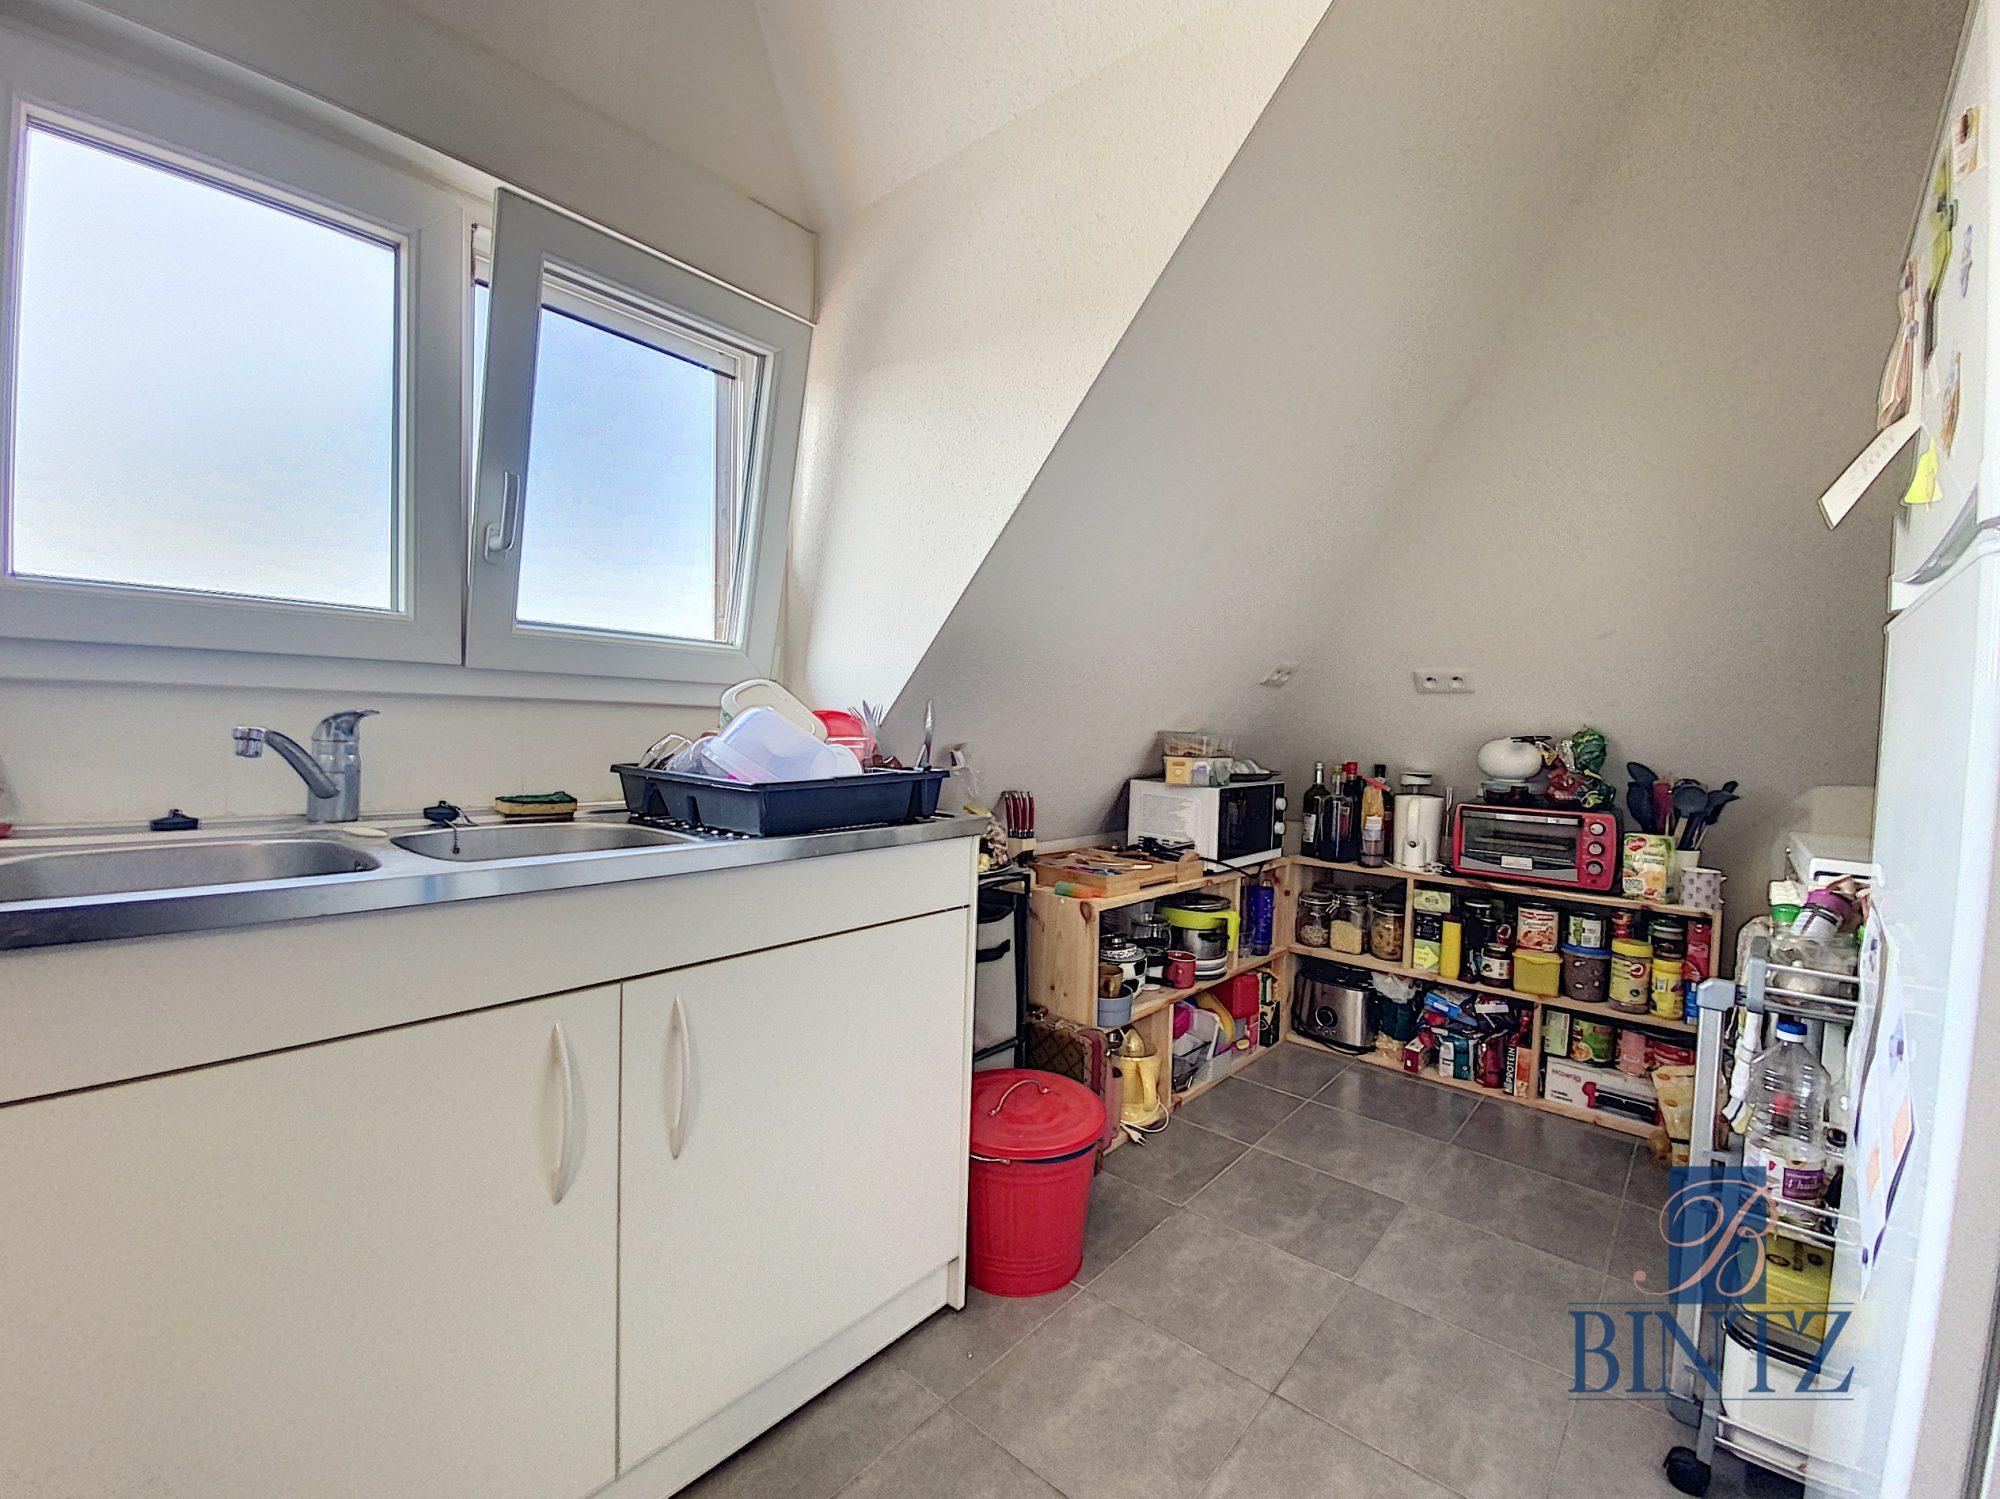 2 PIÈCES AVEC PARKING SCHILTIGHEIM - Devenez propriétaire en toute confiance - Bintz Immobilier - 2